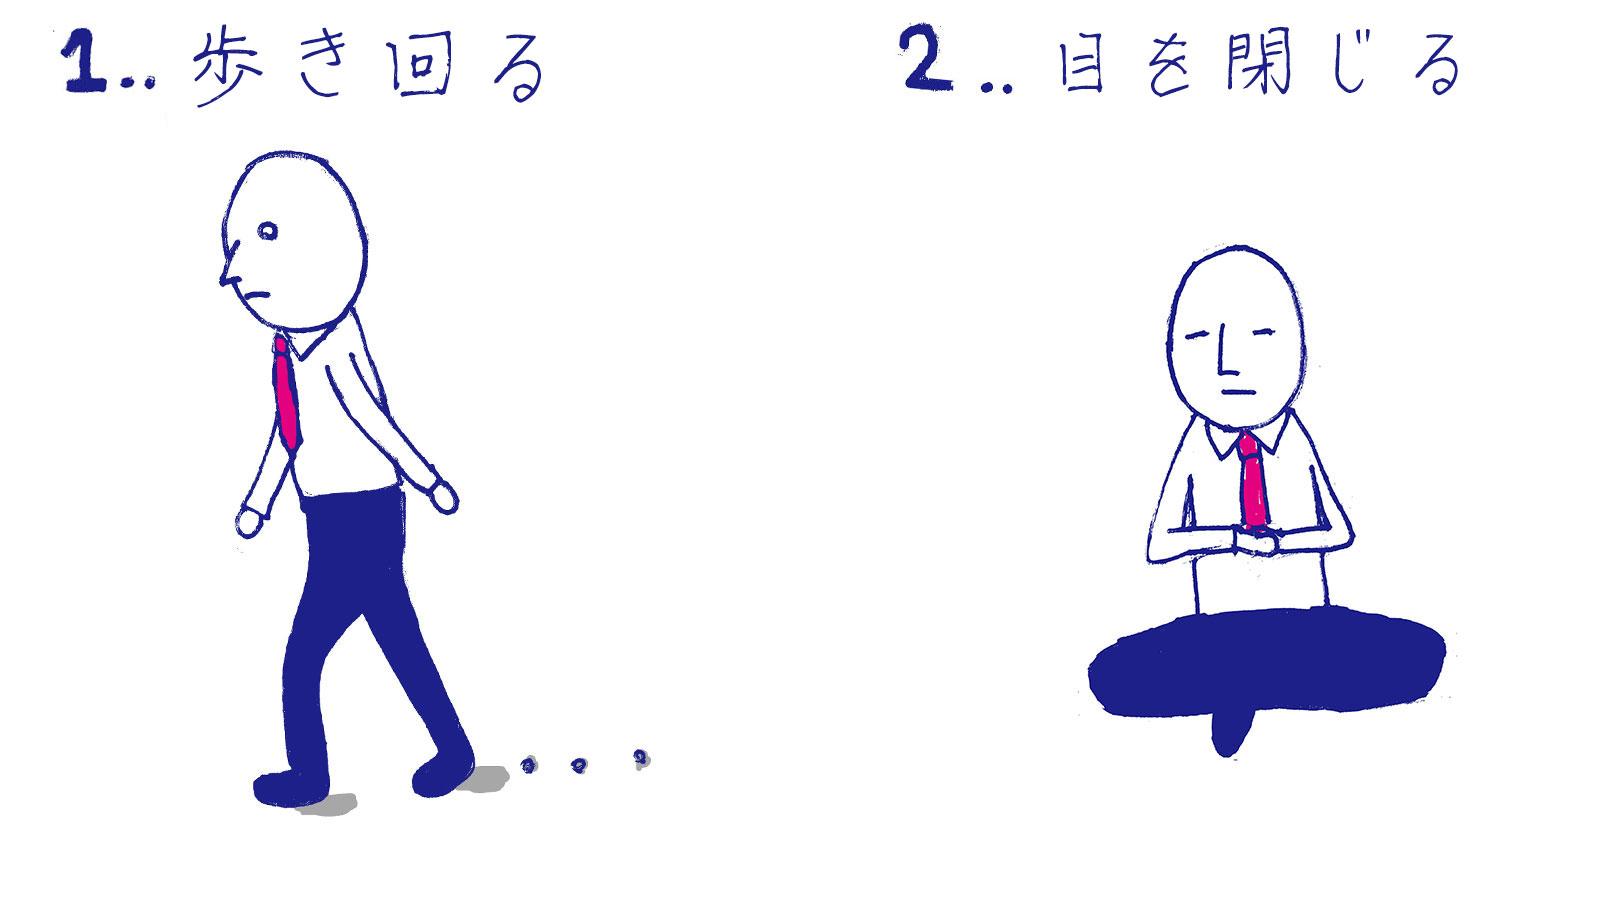 仕事の出来が変わる【集中力を切らさない8のアクション】